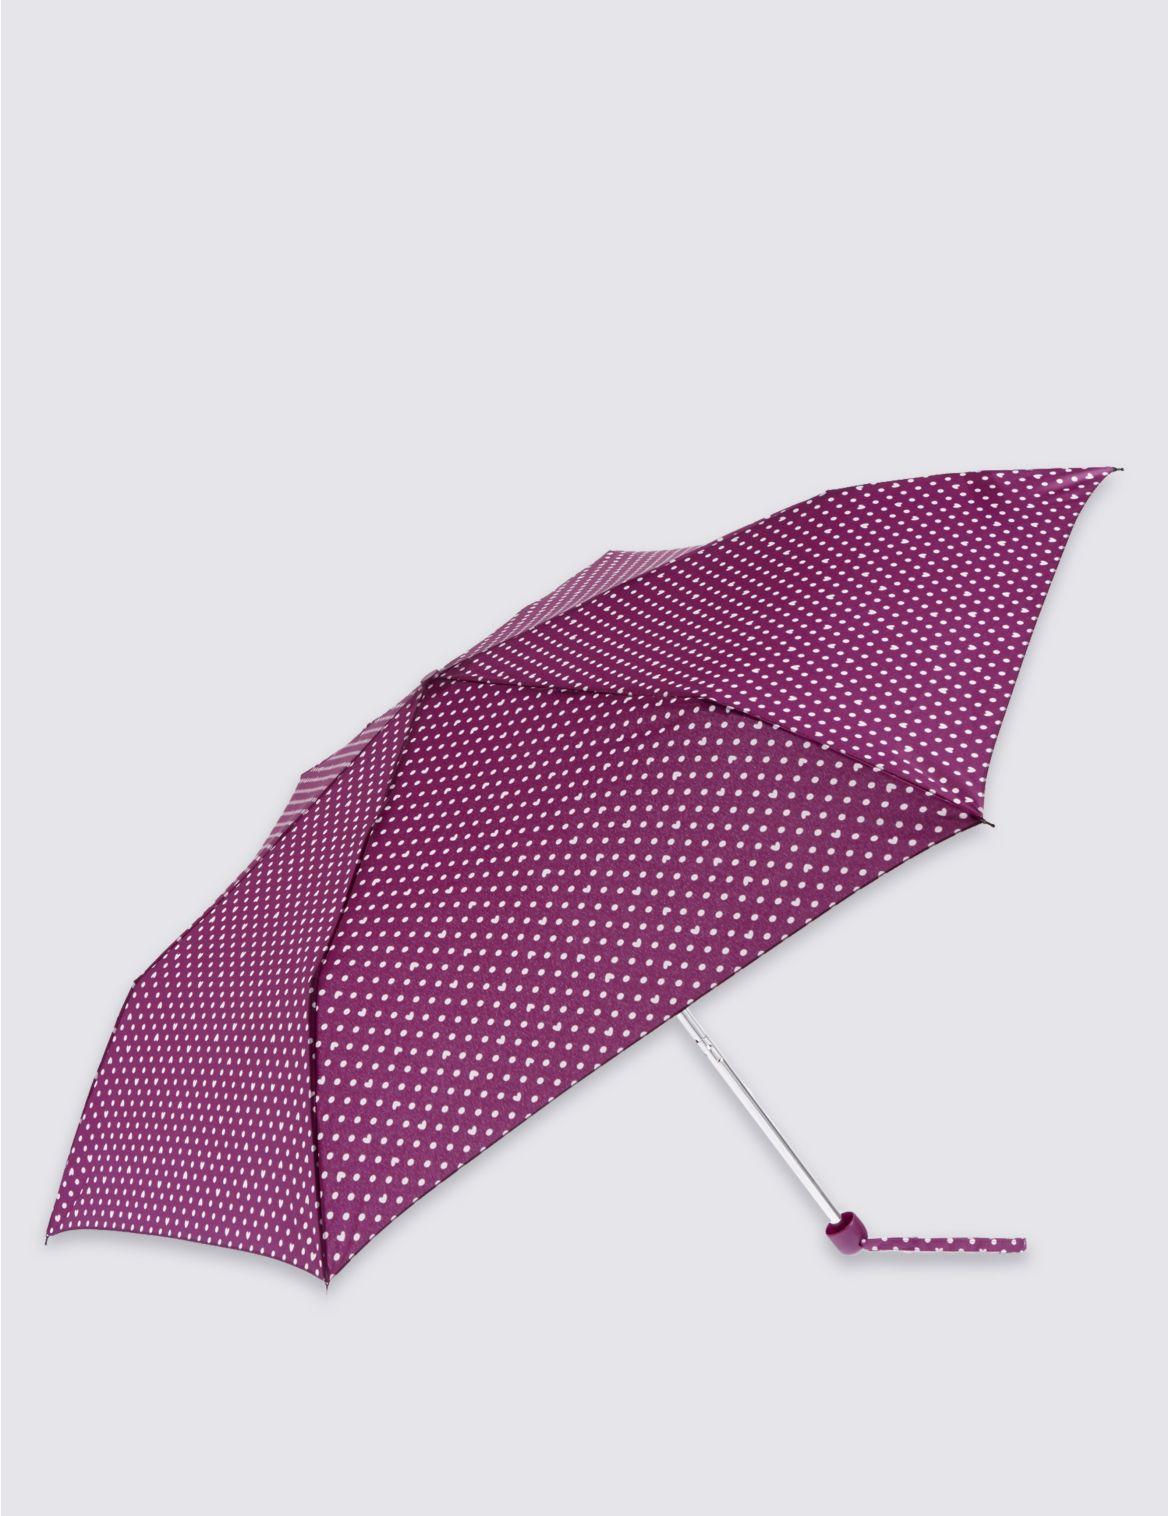 Parapluie à motif coeurs et pois, doté de la technologie Stormwear™